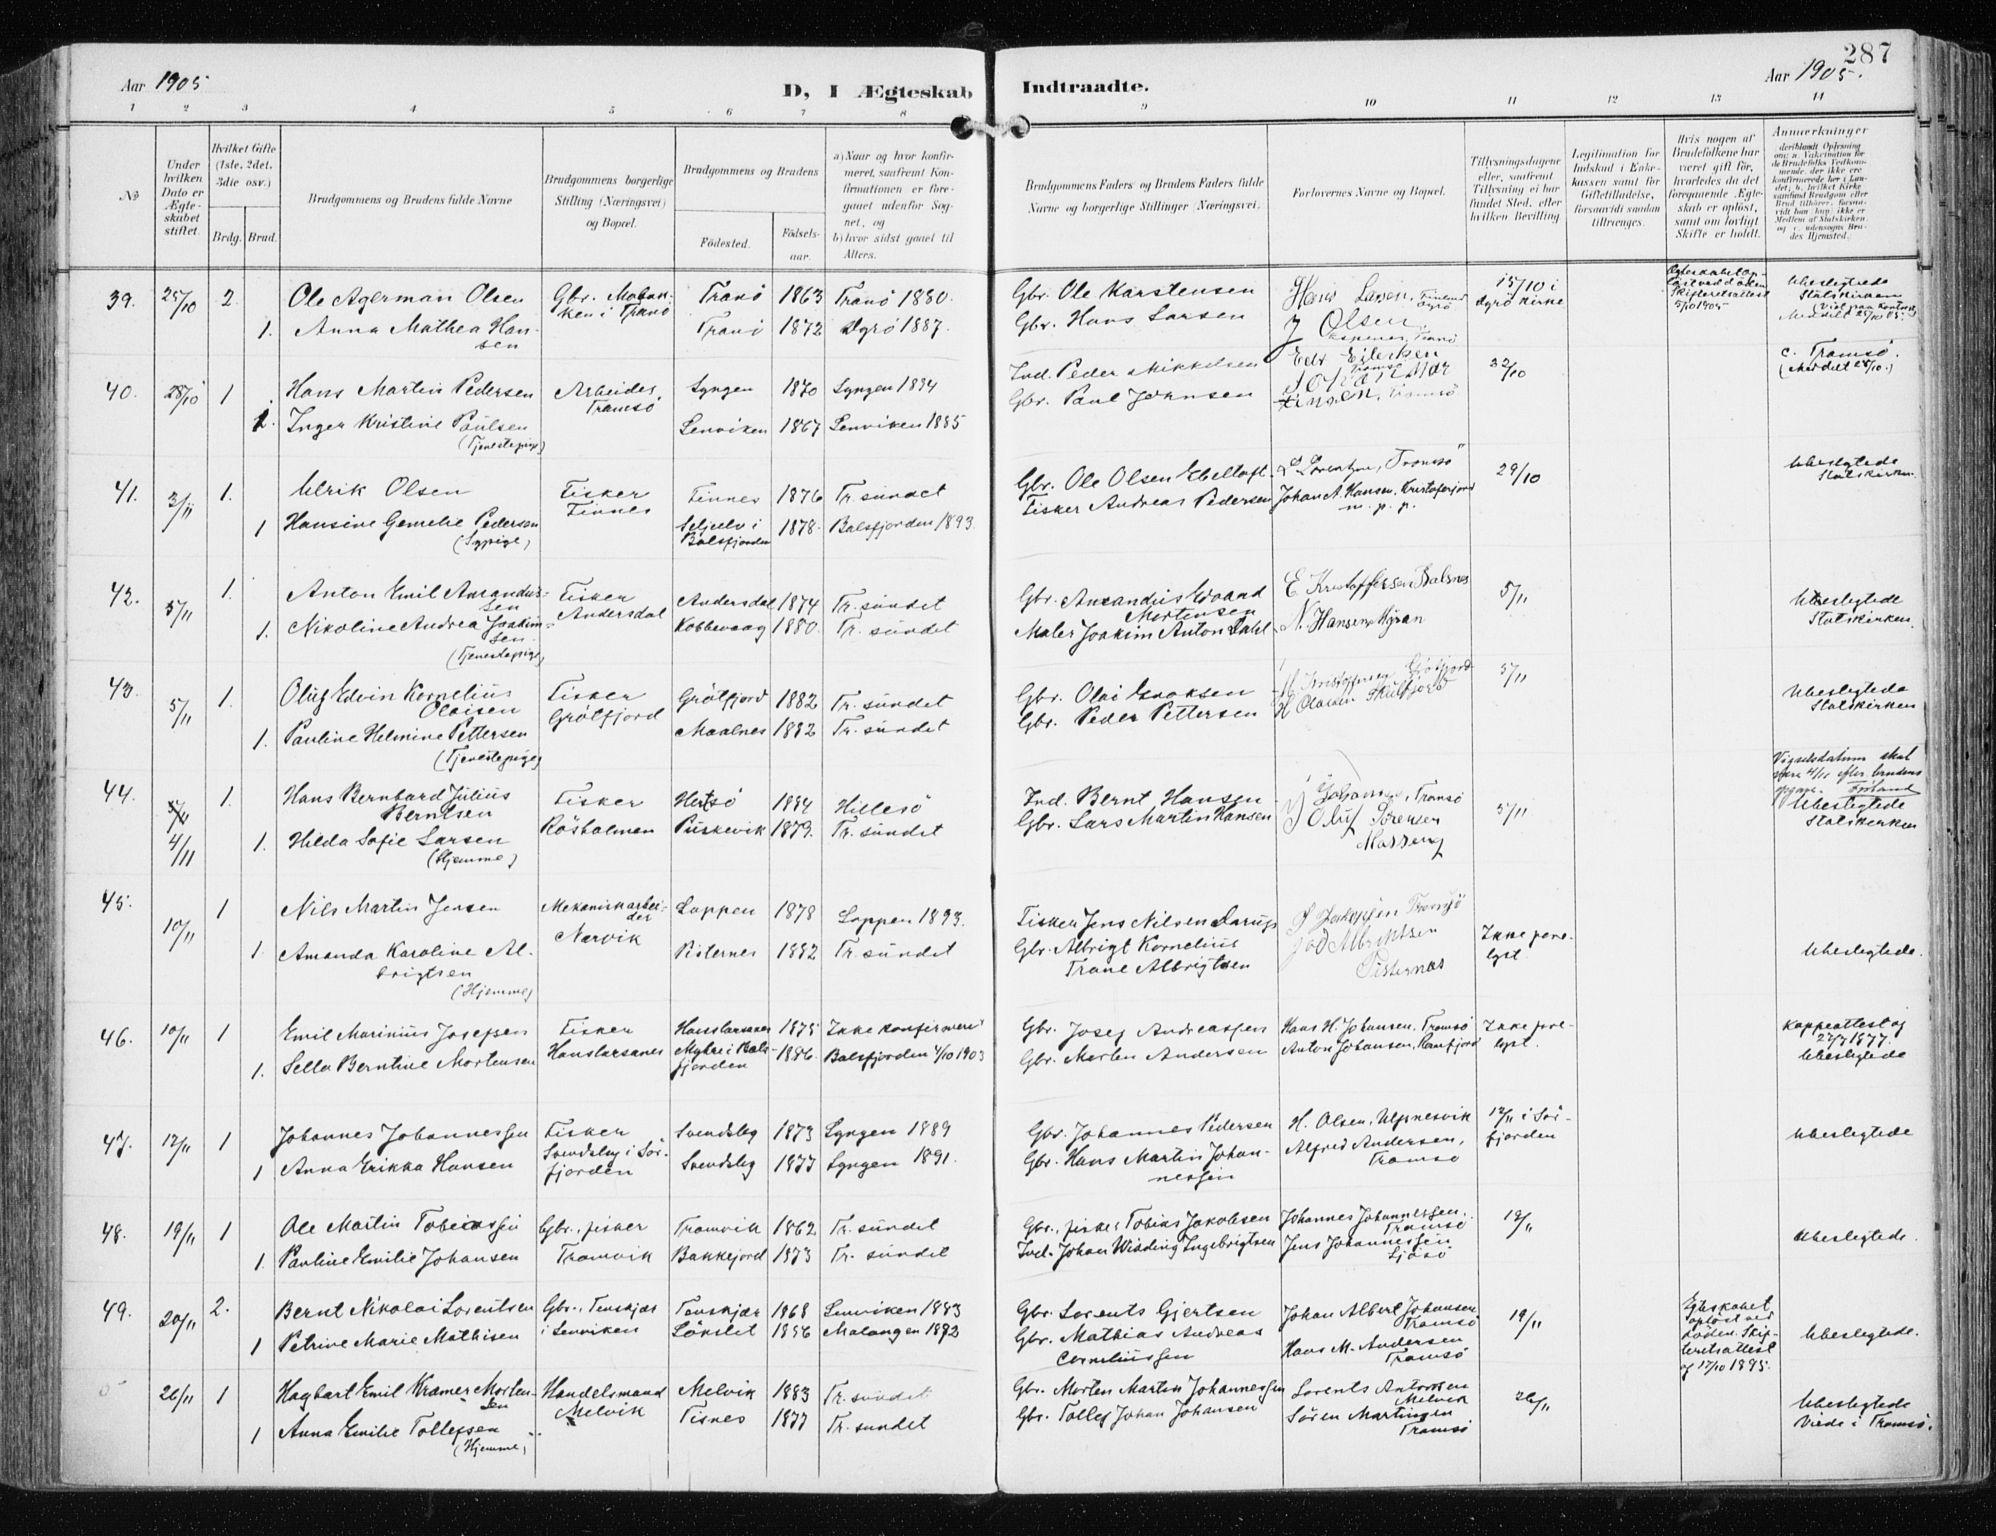 SATØ, Tromsøysund sokneprestkontor, G/Ga/L0006kirke: Ministerialbok nr. 6, 1897-1906, s. 287